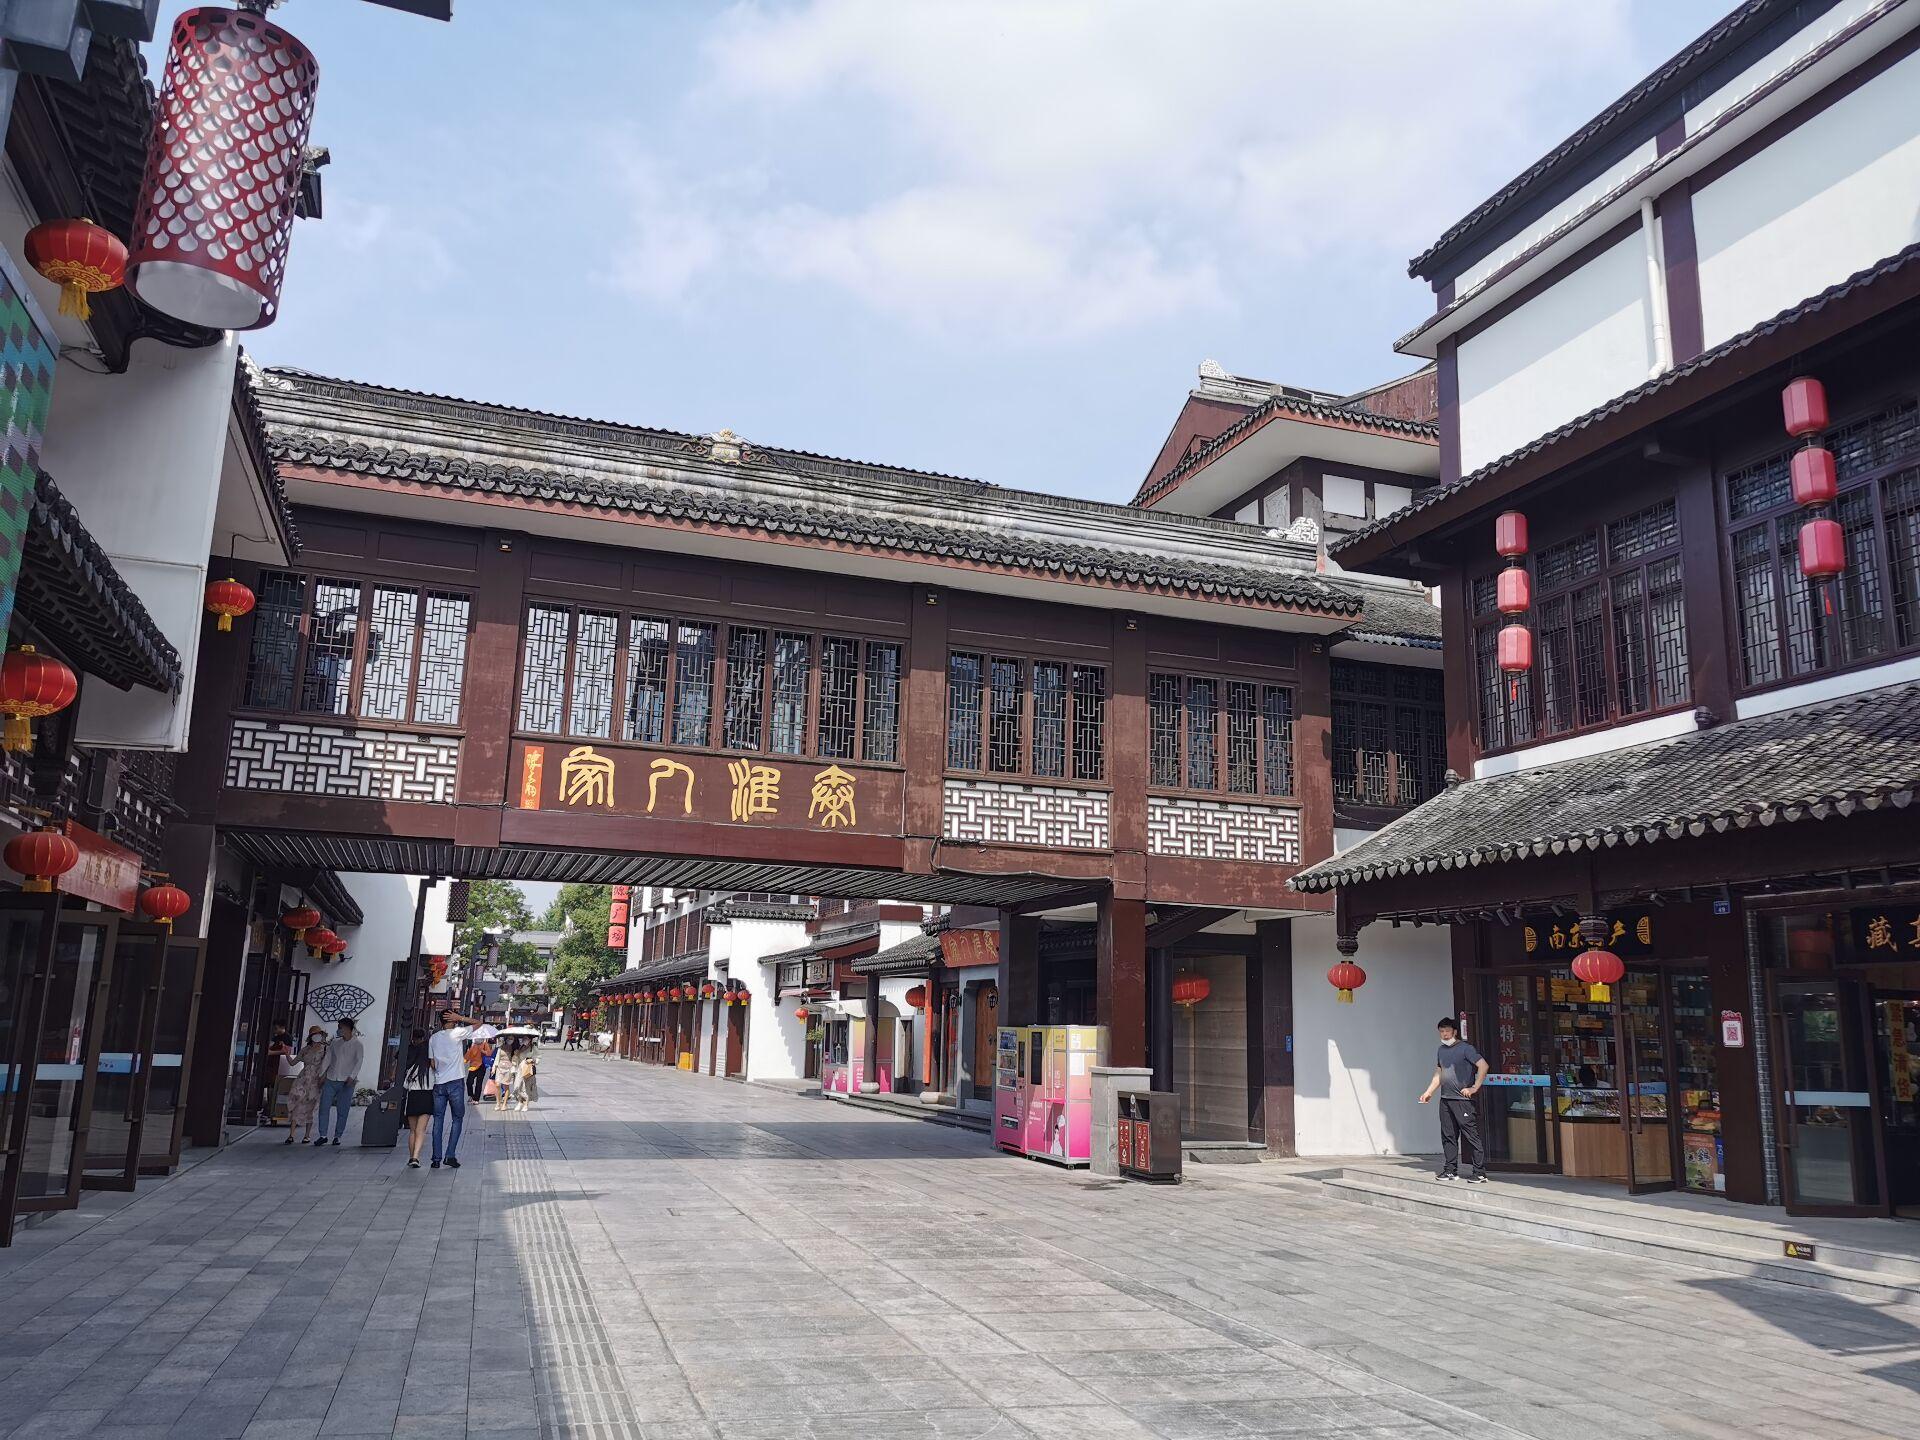 南京夫子庙商业区掠影04.jpg